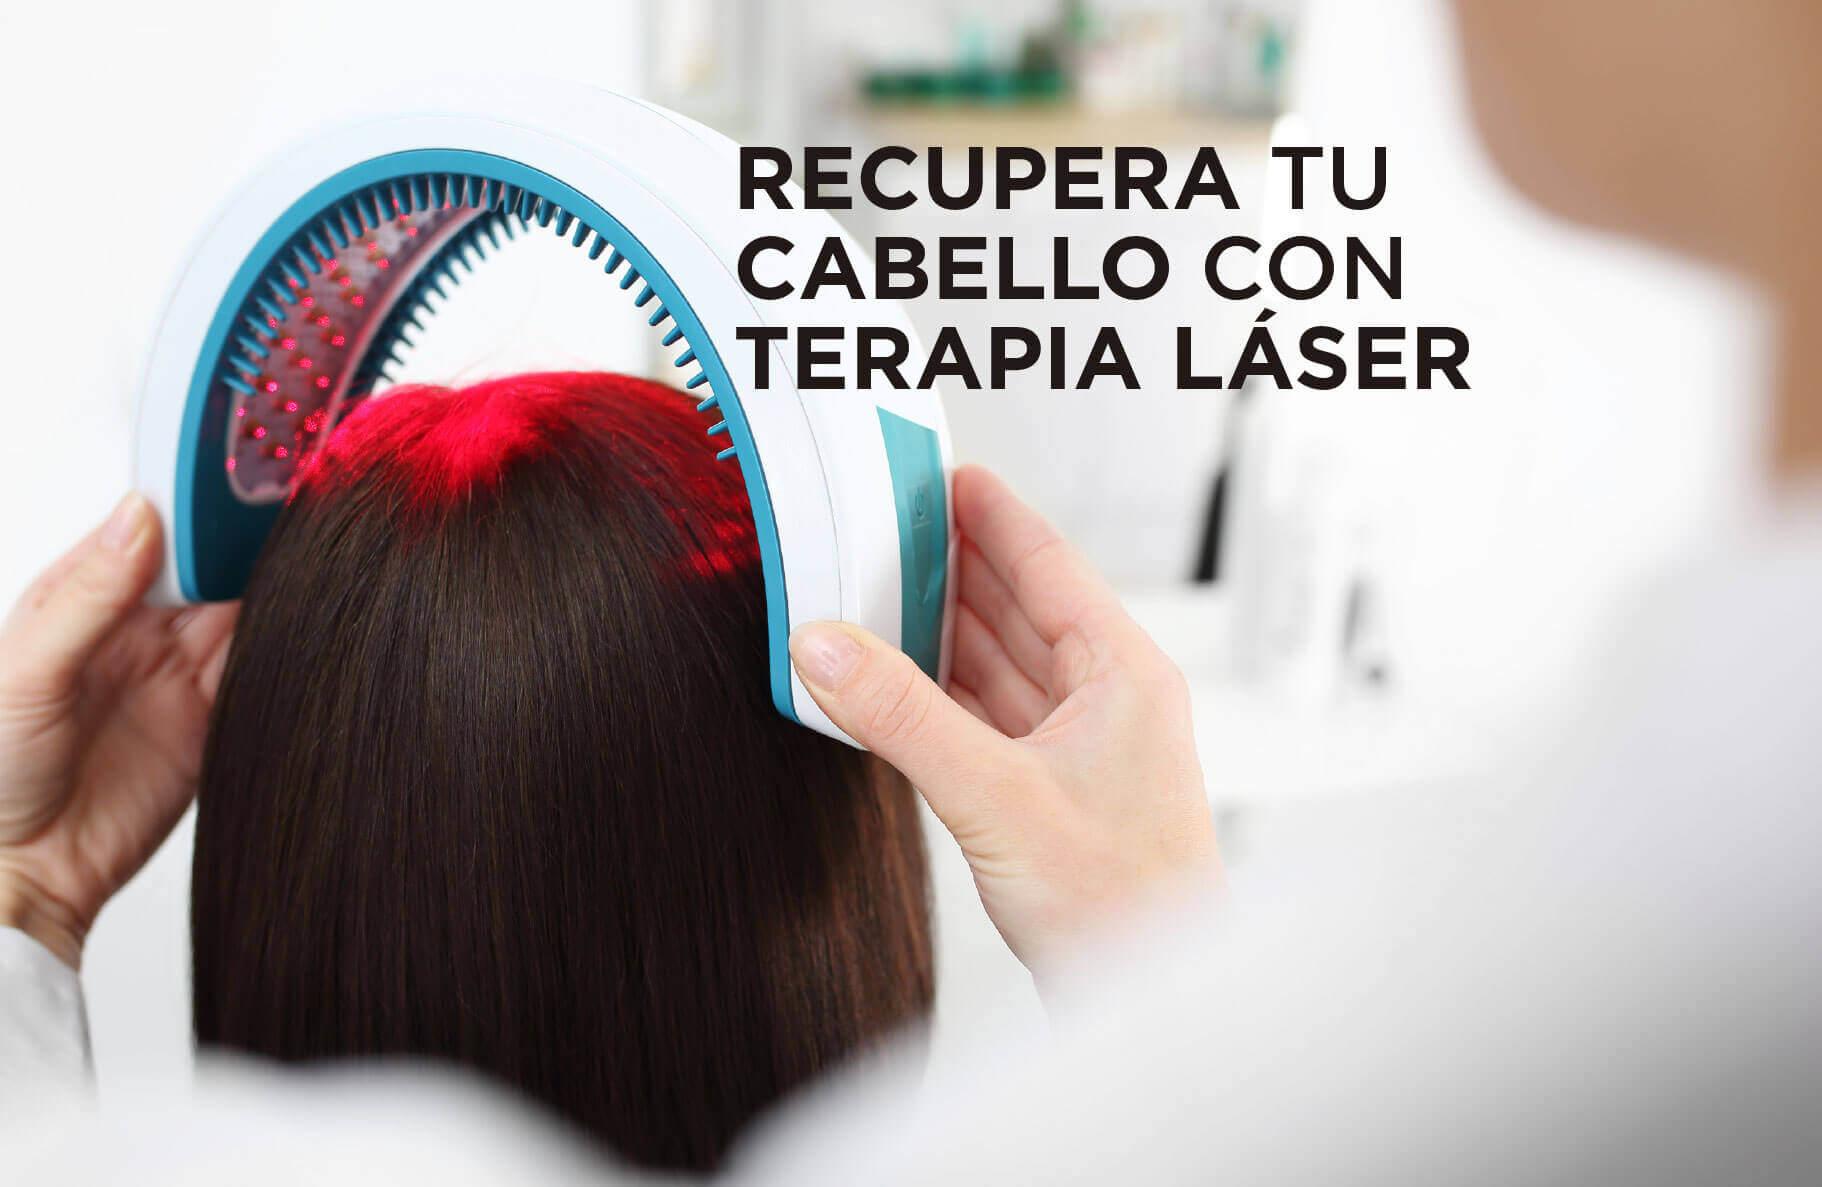 Recupera tu Cabello con Terapia Láser